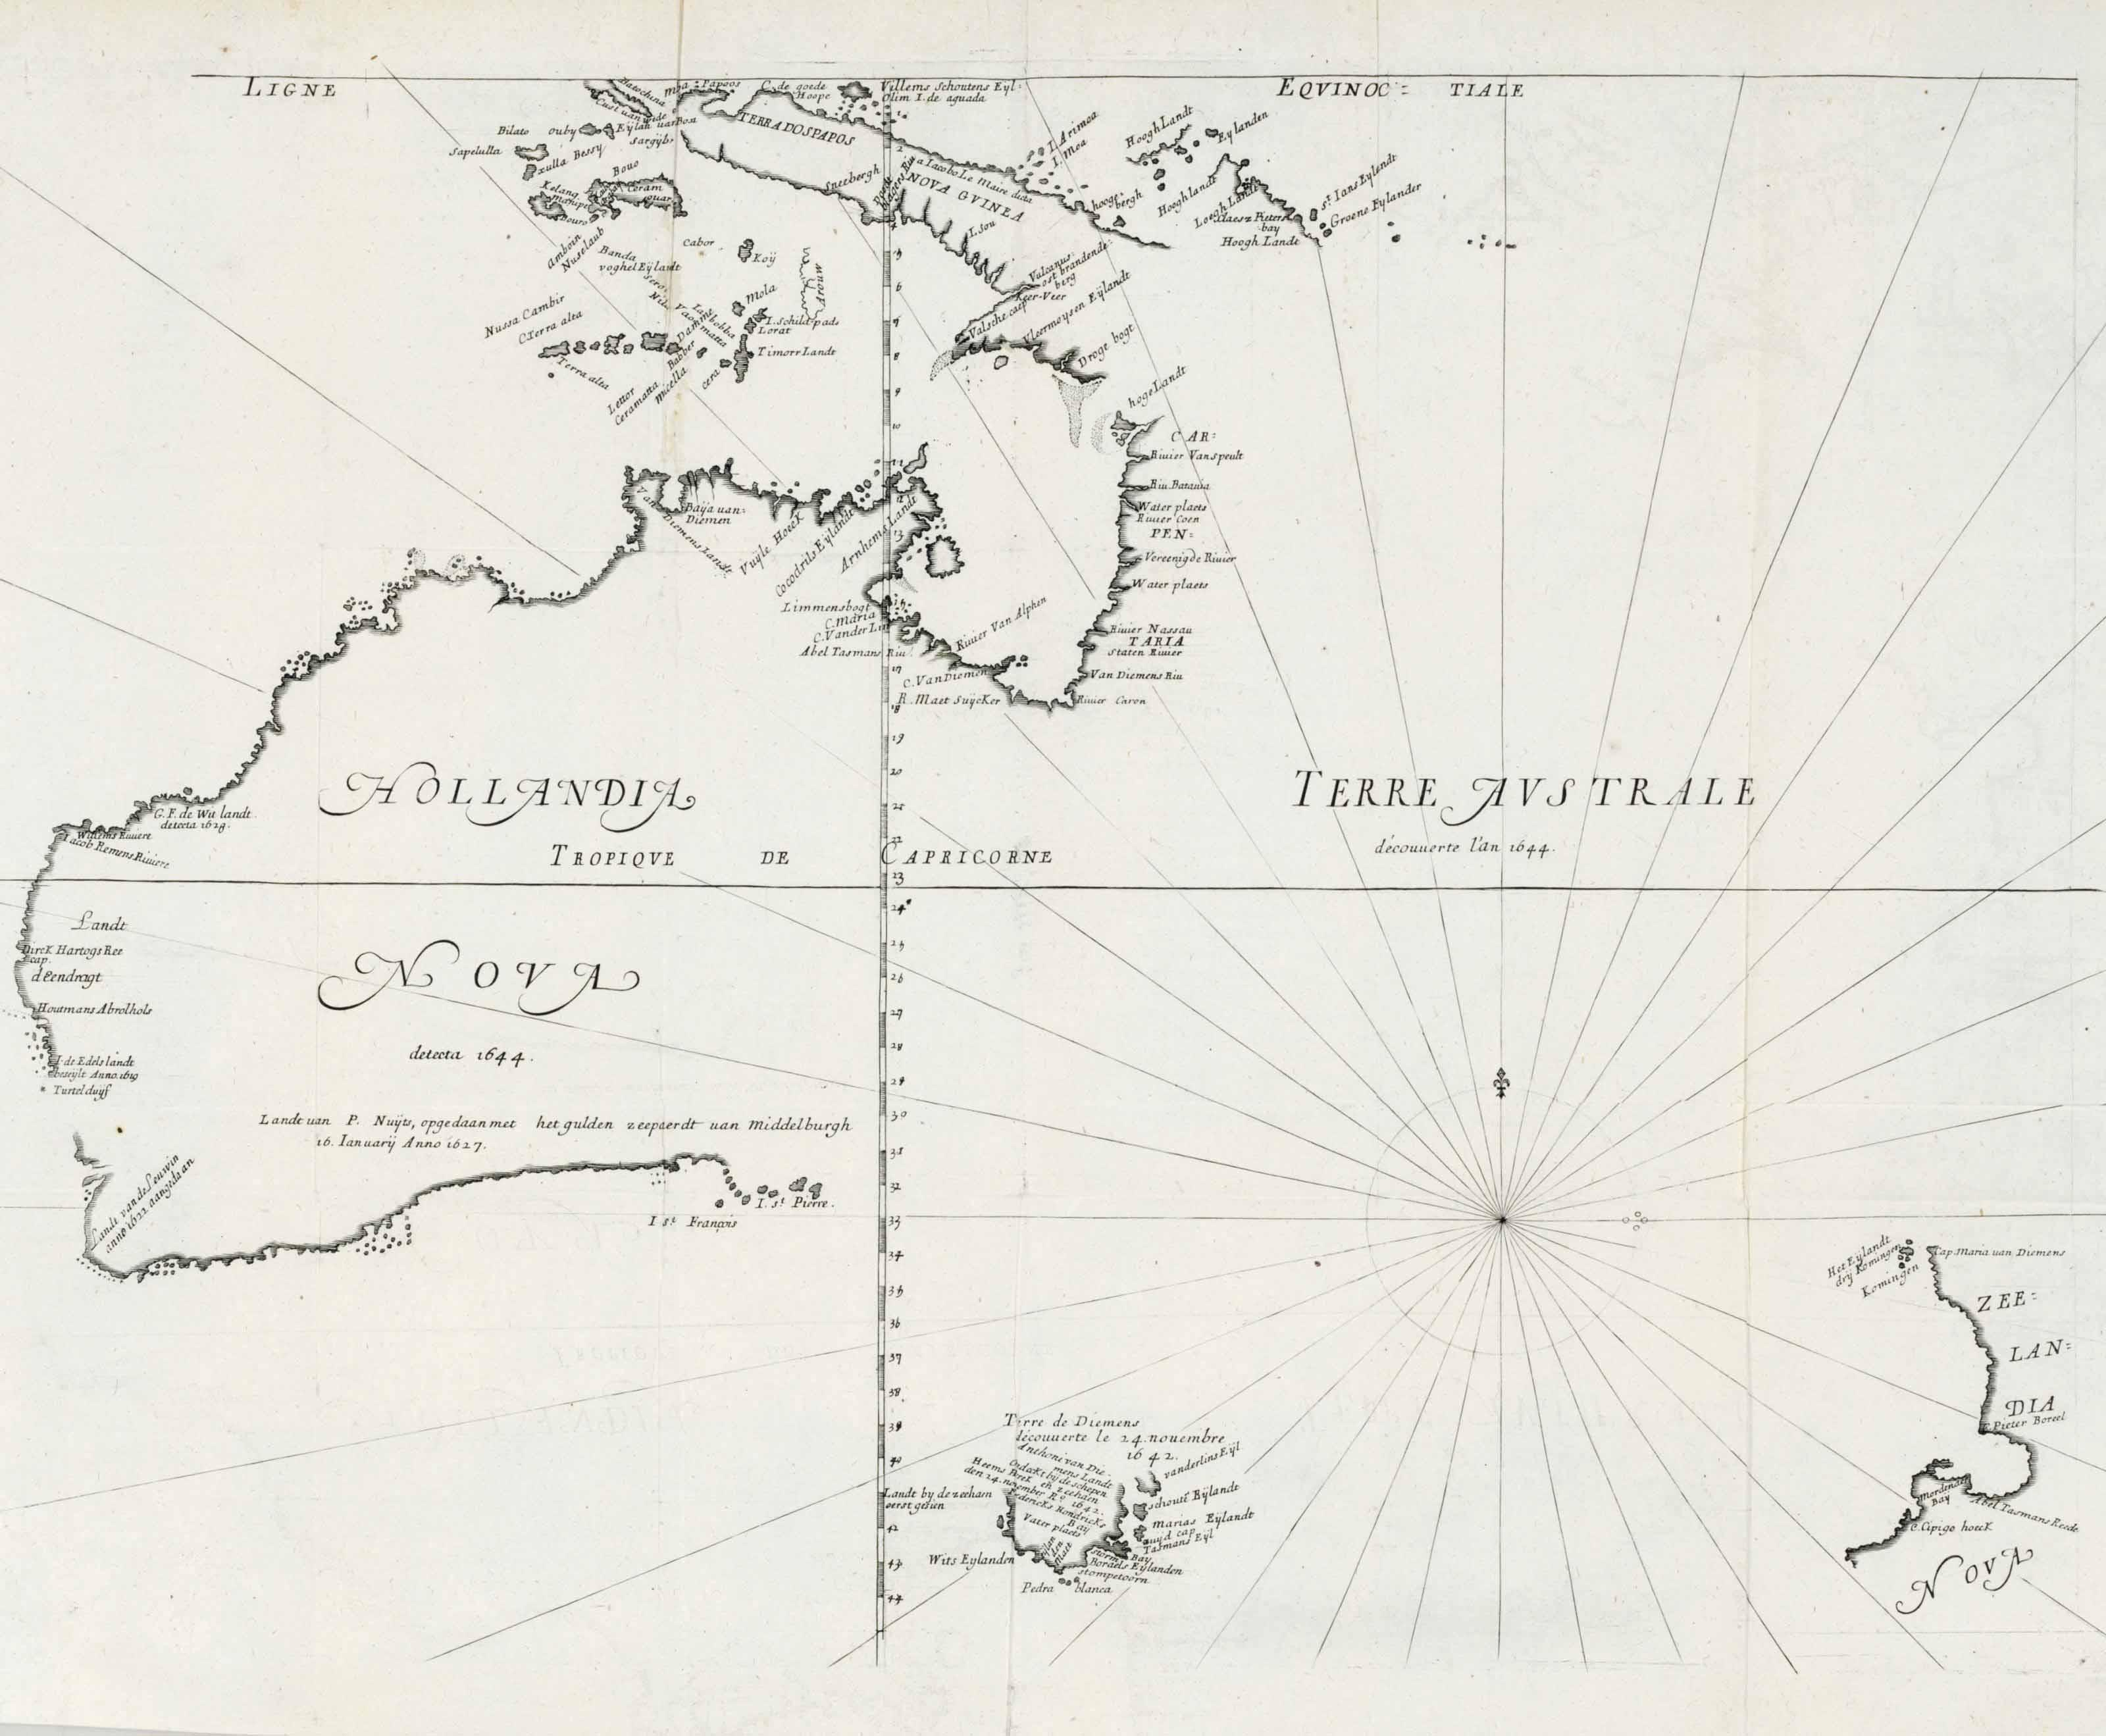 THÉVENOT, Melchisédec (1620-16